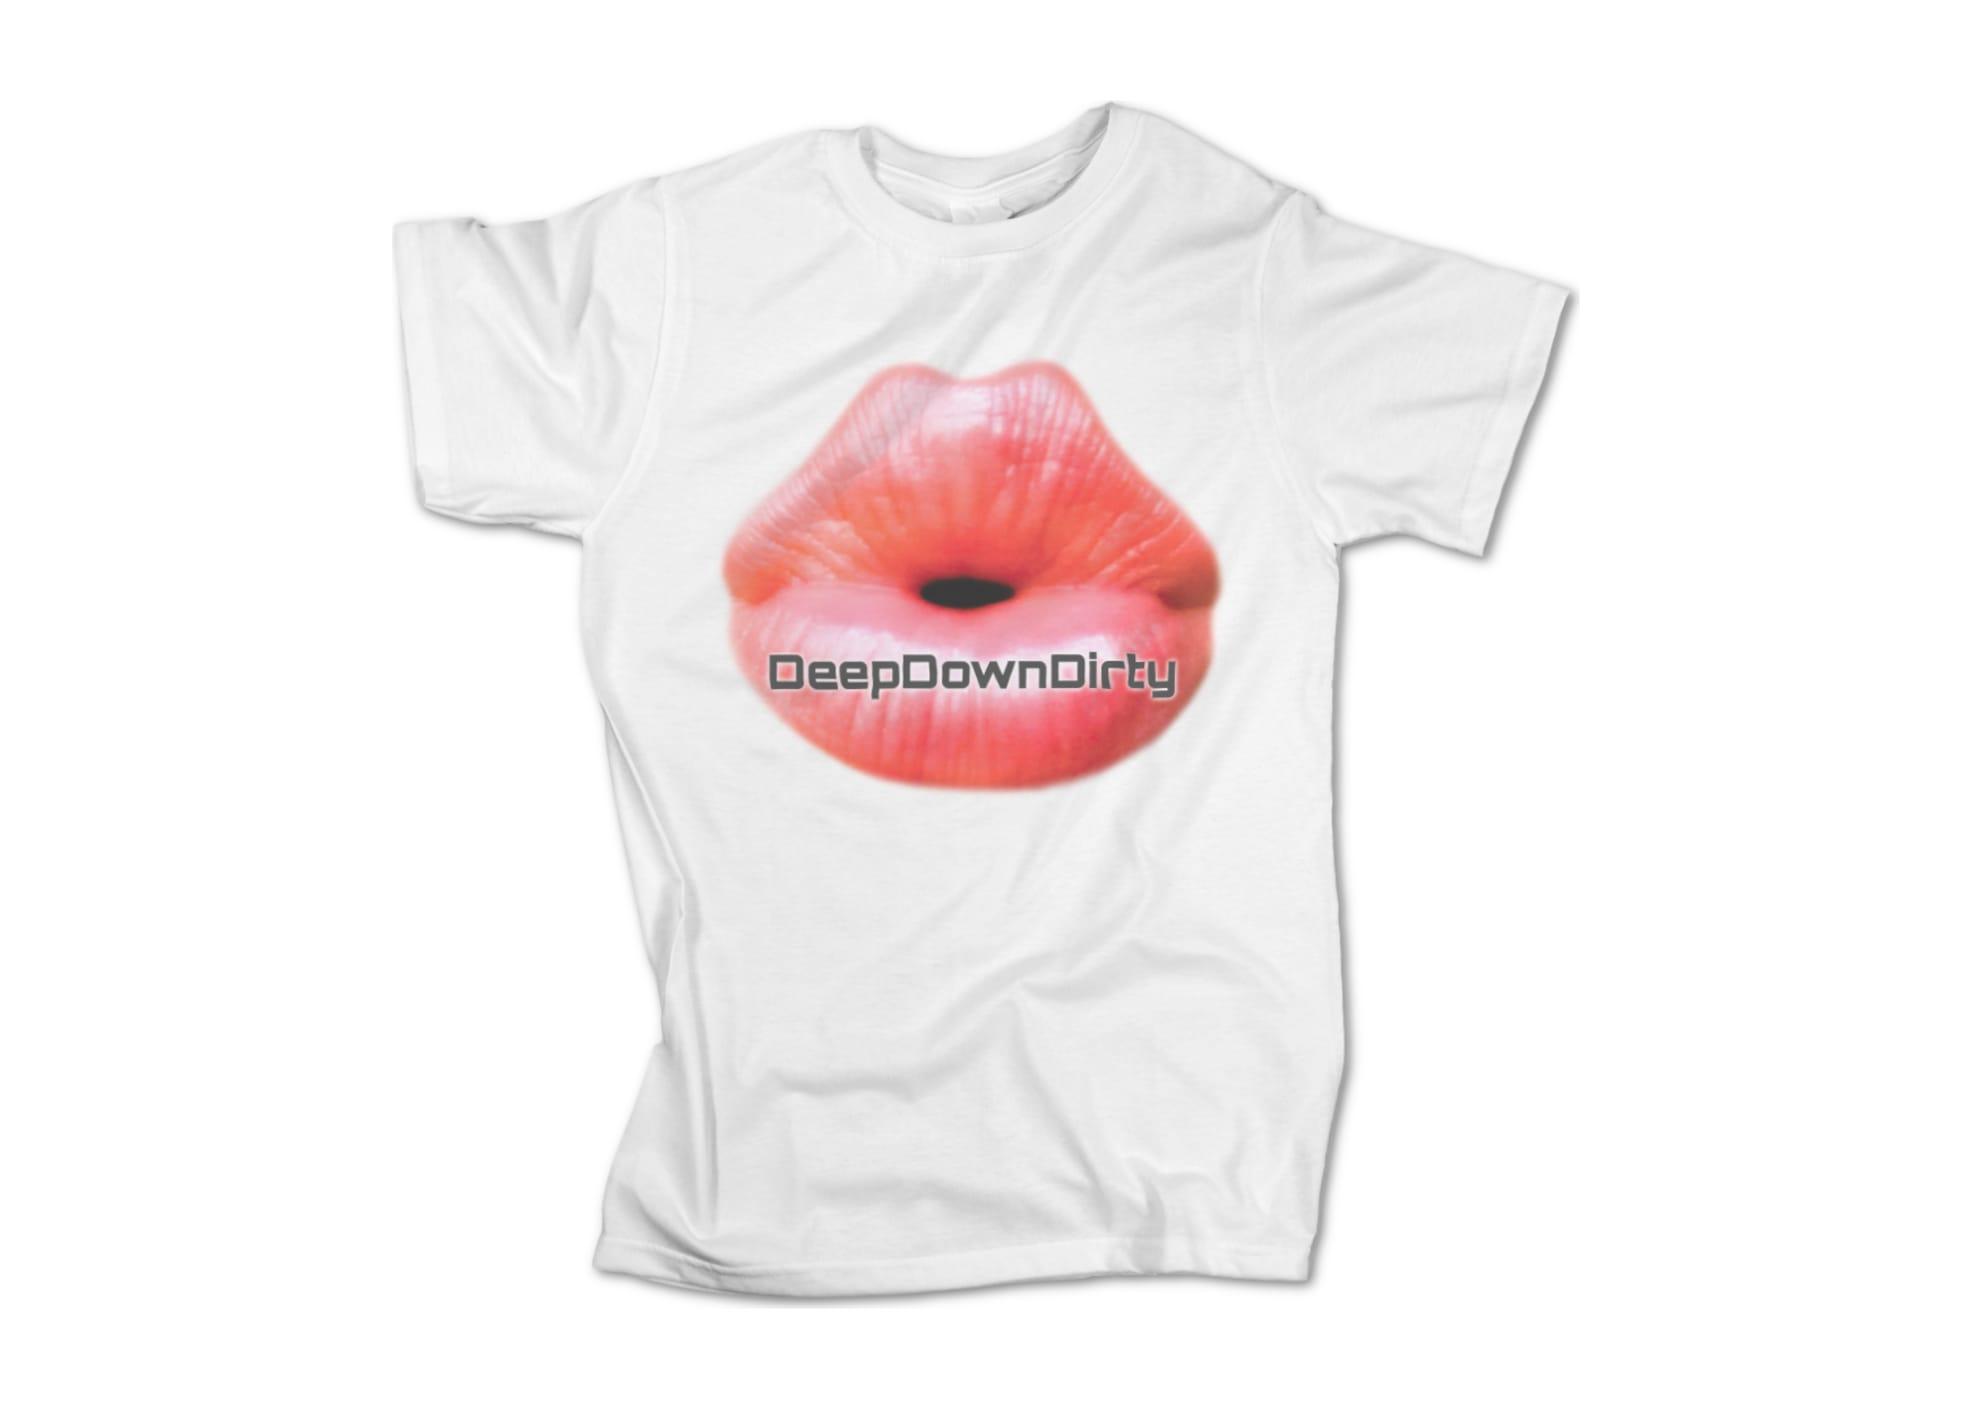 Deepdowndirty record label lips 1522659888